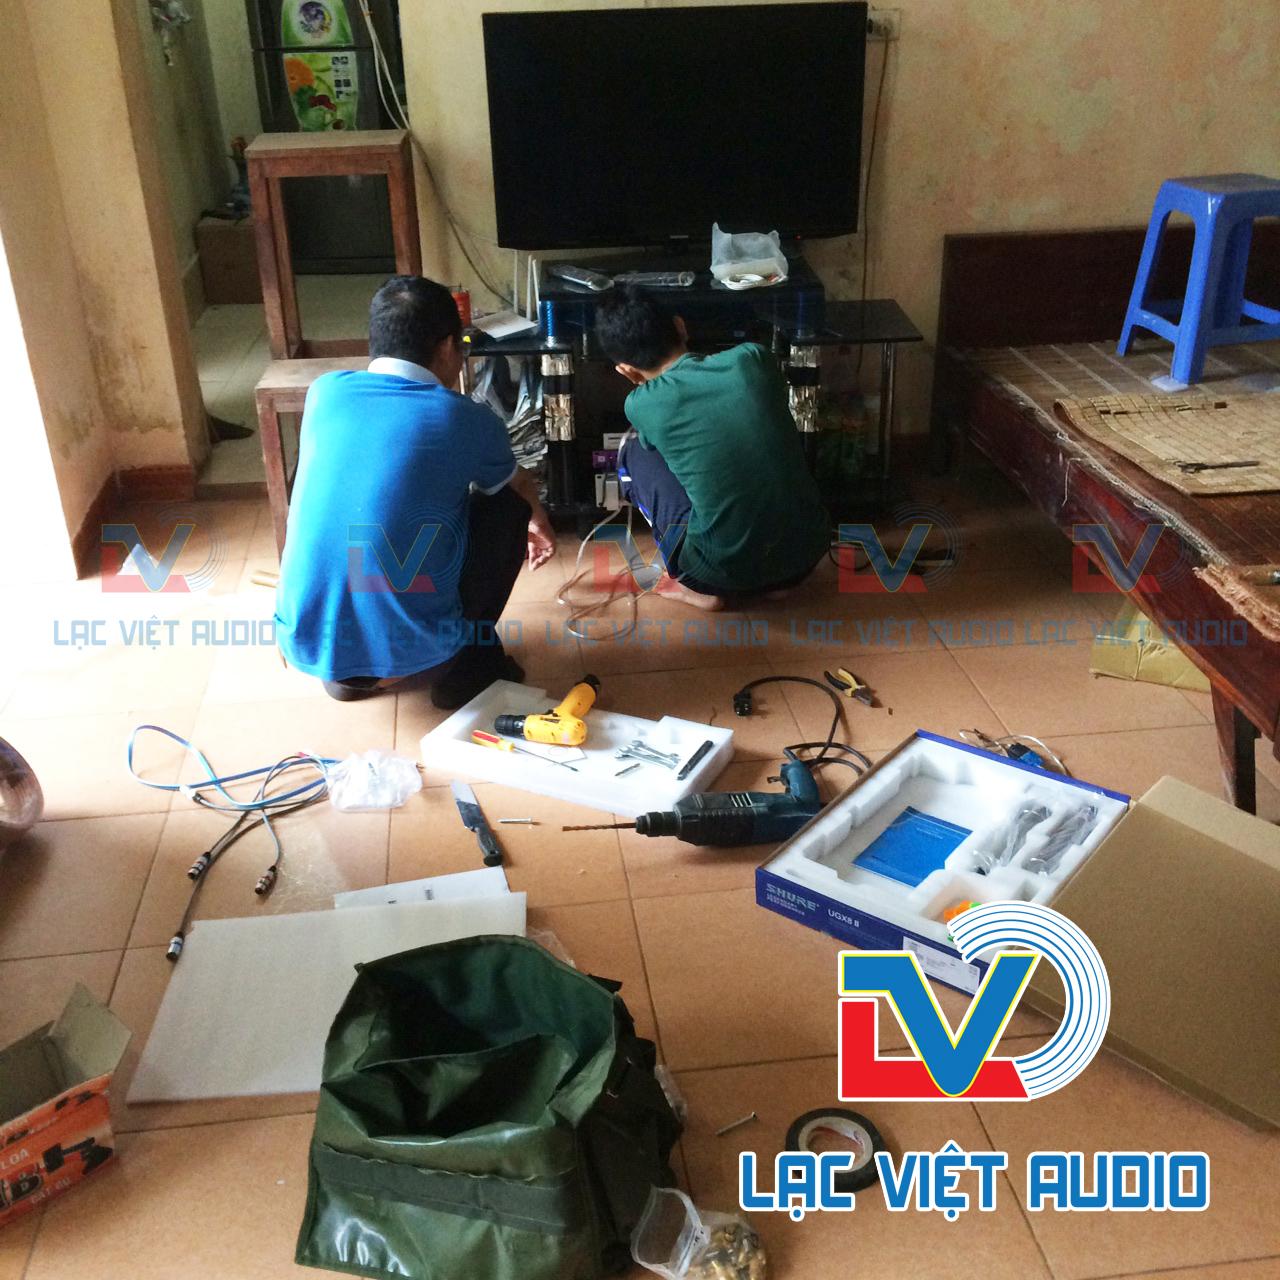 Kỹ thuật viên Lạc Việt đang lắp đặt thiết bị